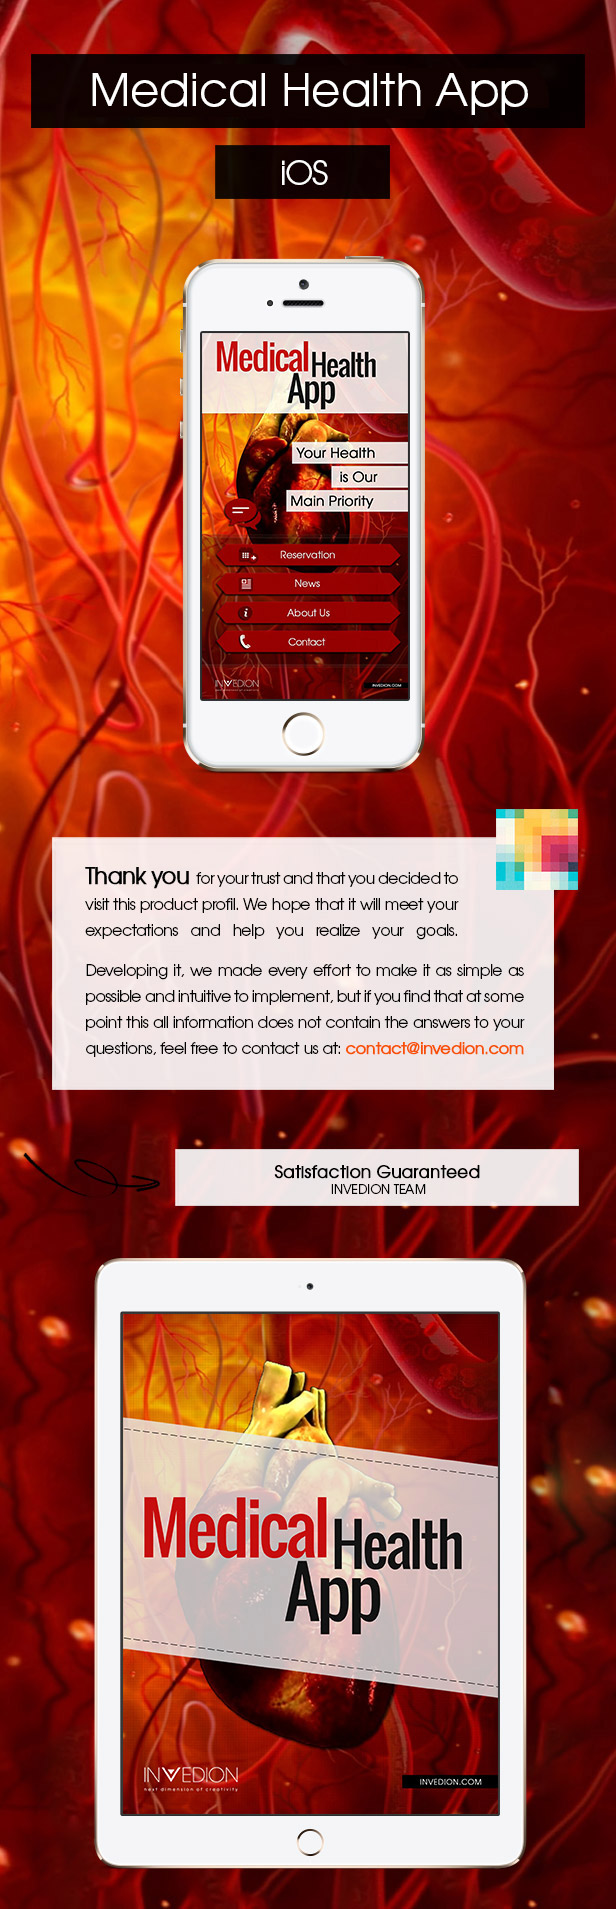 Medical Health App With CMS - iOS - 1